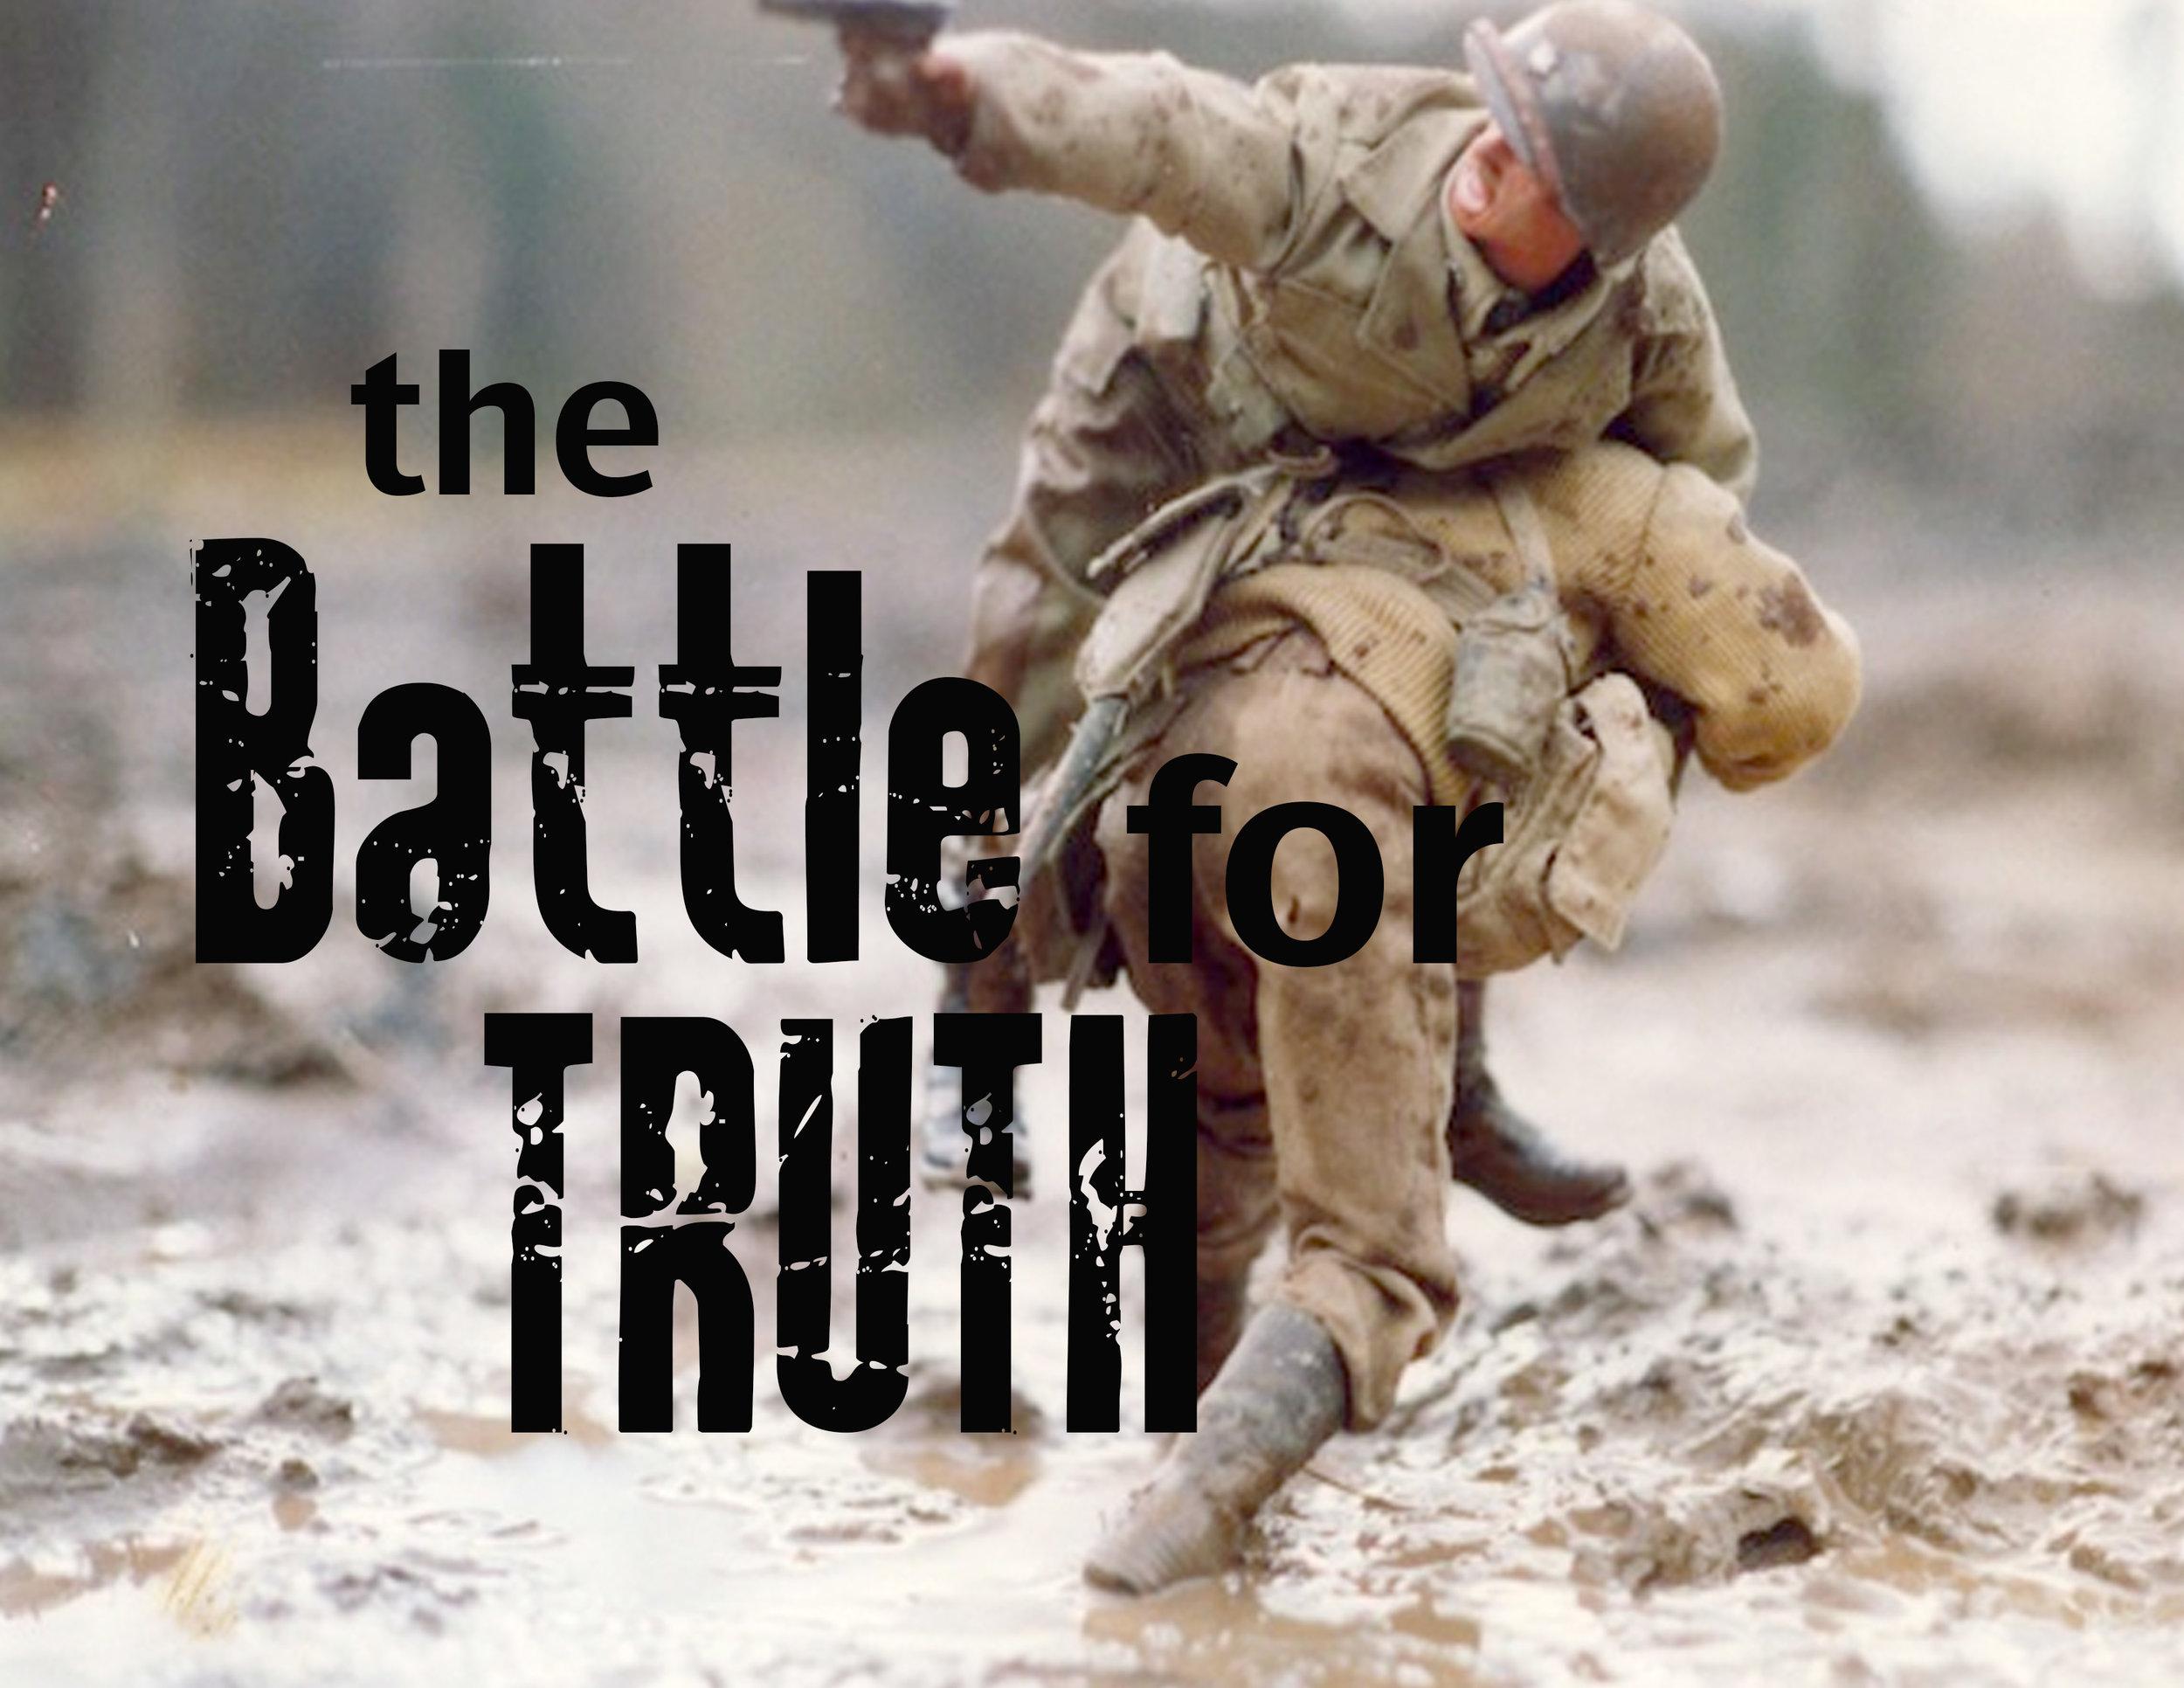 The Battle for truth.jpg